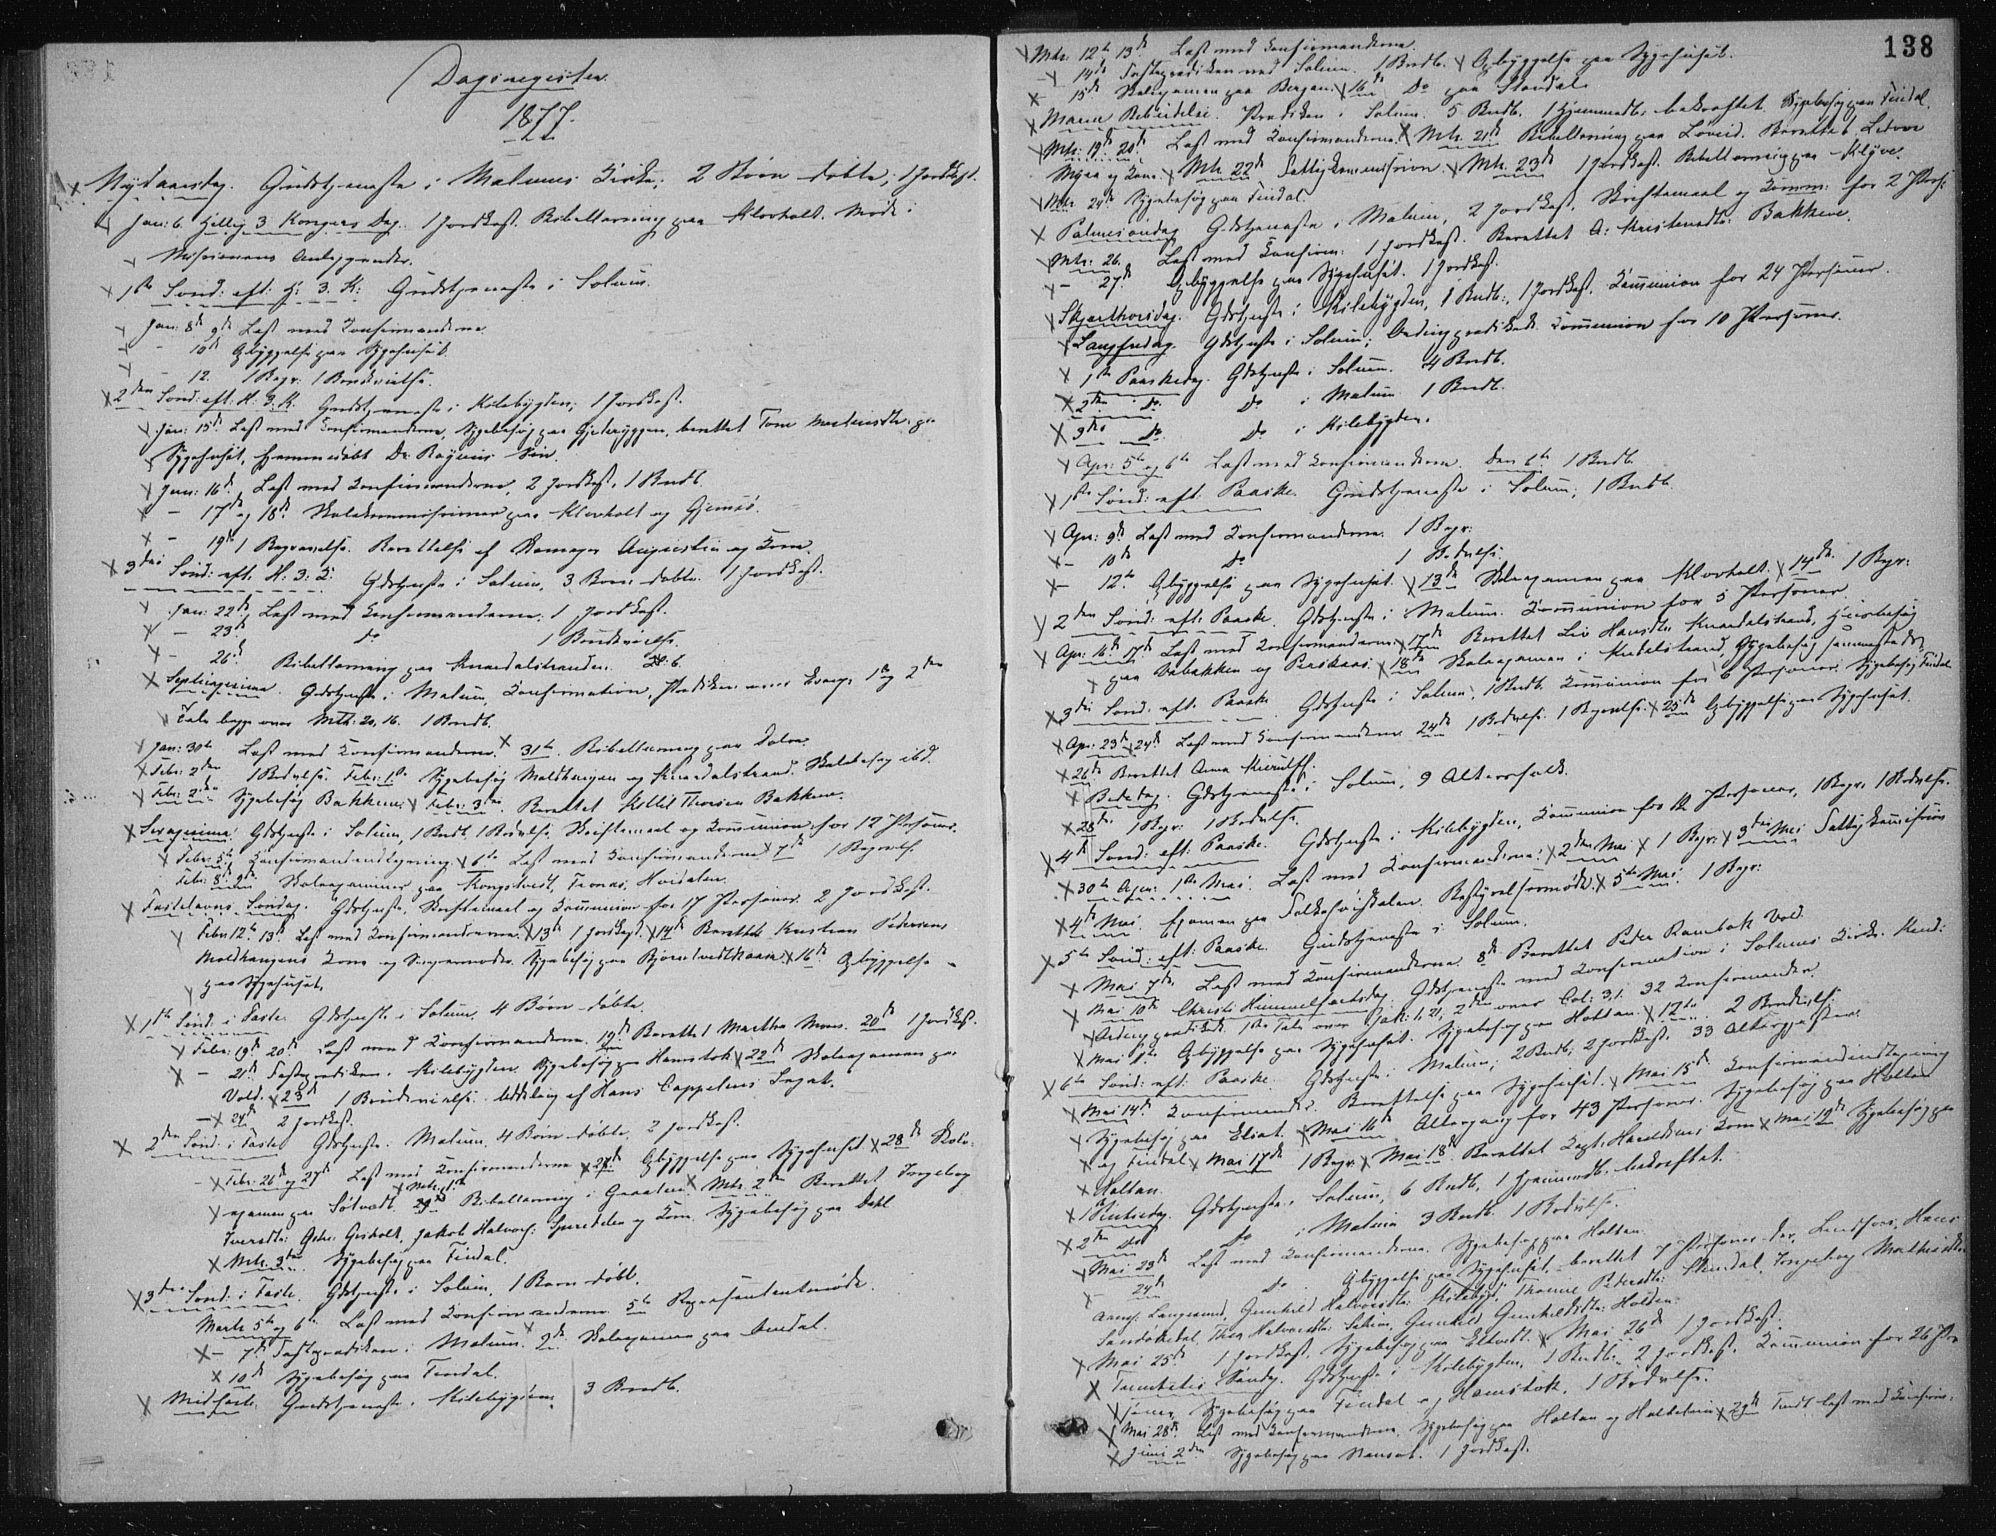 SAKO, Solum kirkebøker, G/Ga/L0005: Klokkerbok nr. I 5, 1877-1881, s. 138